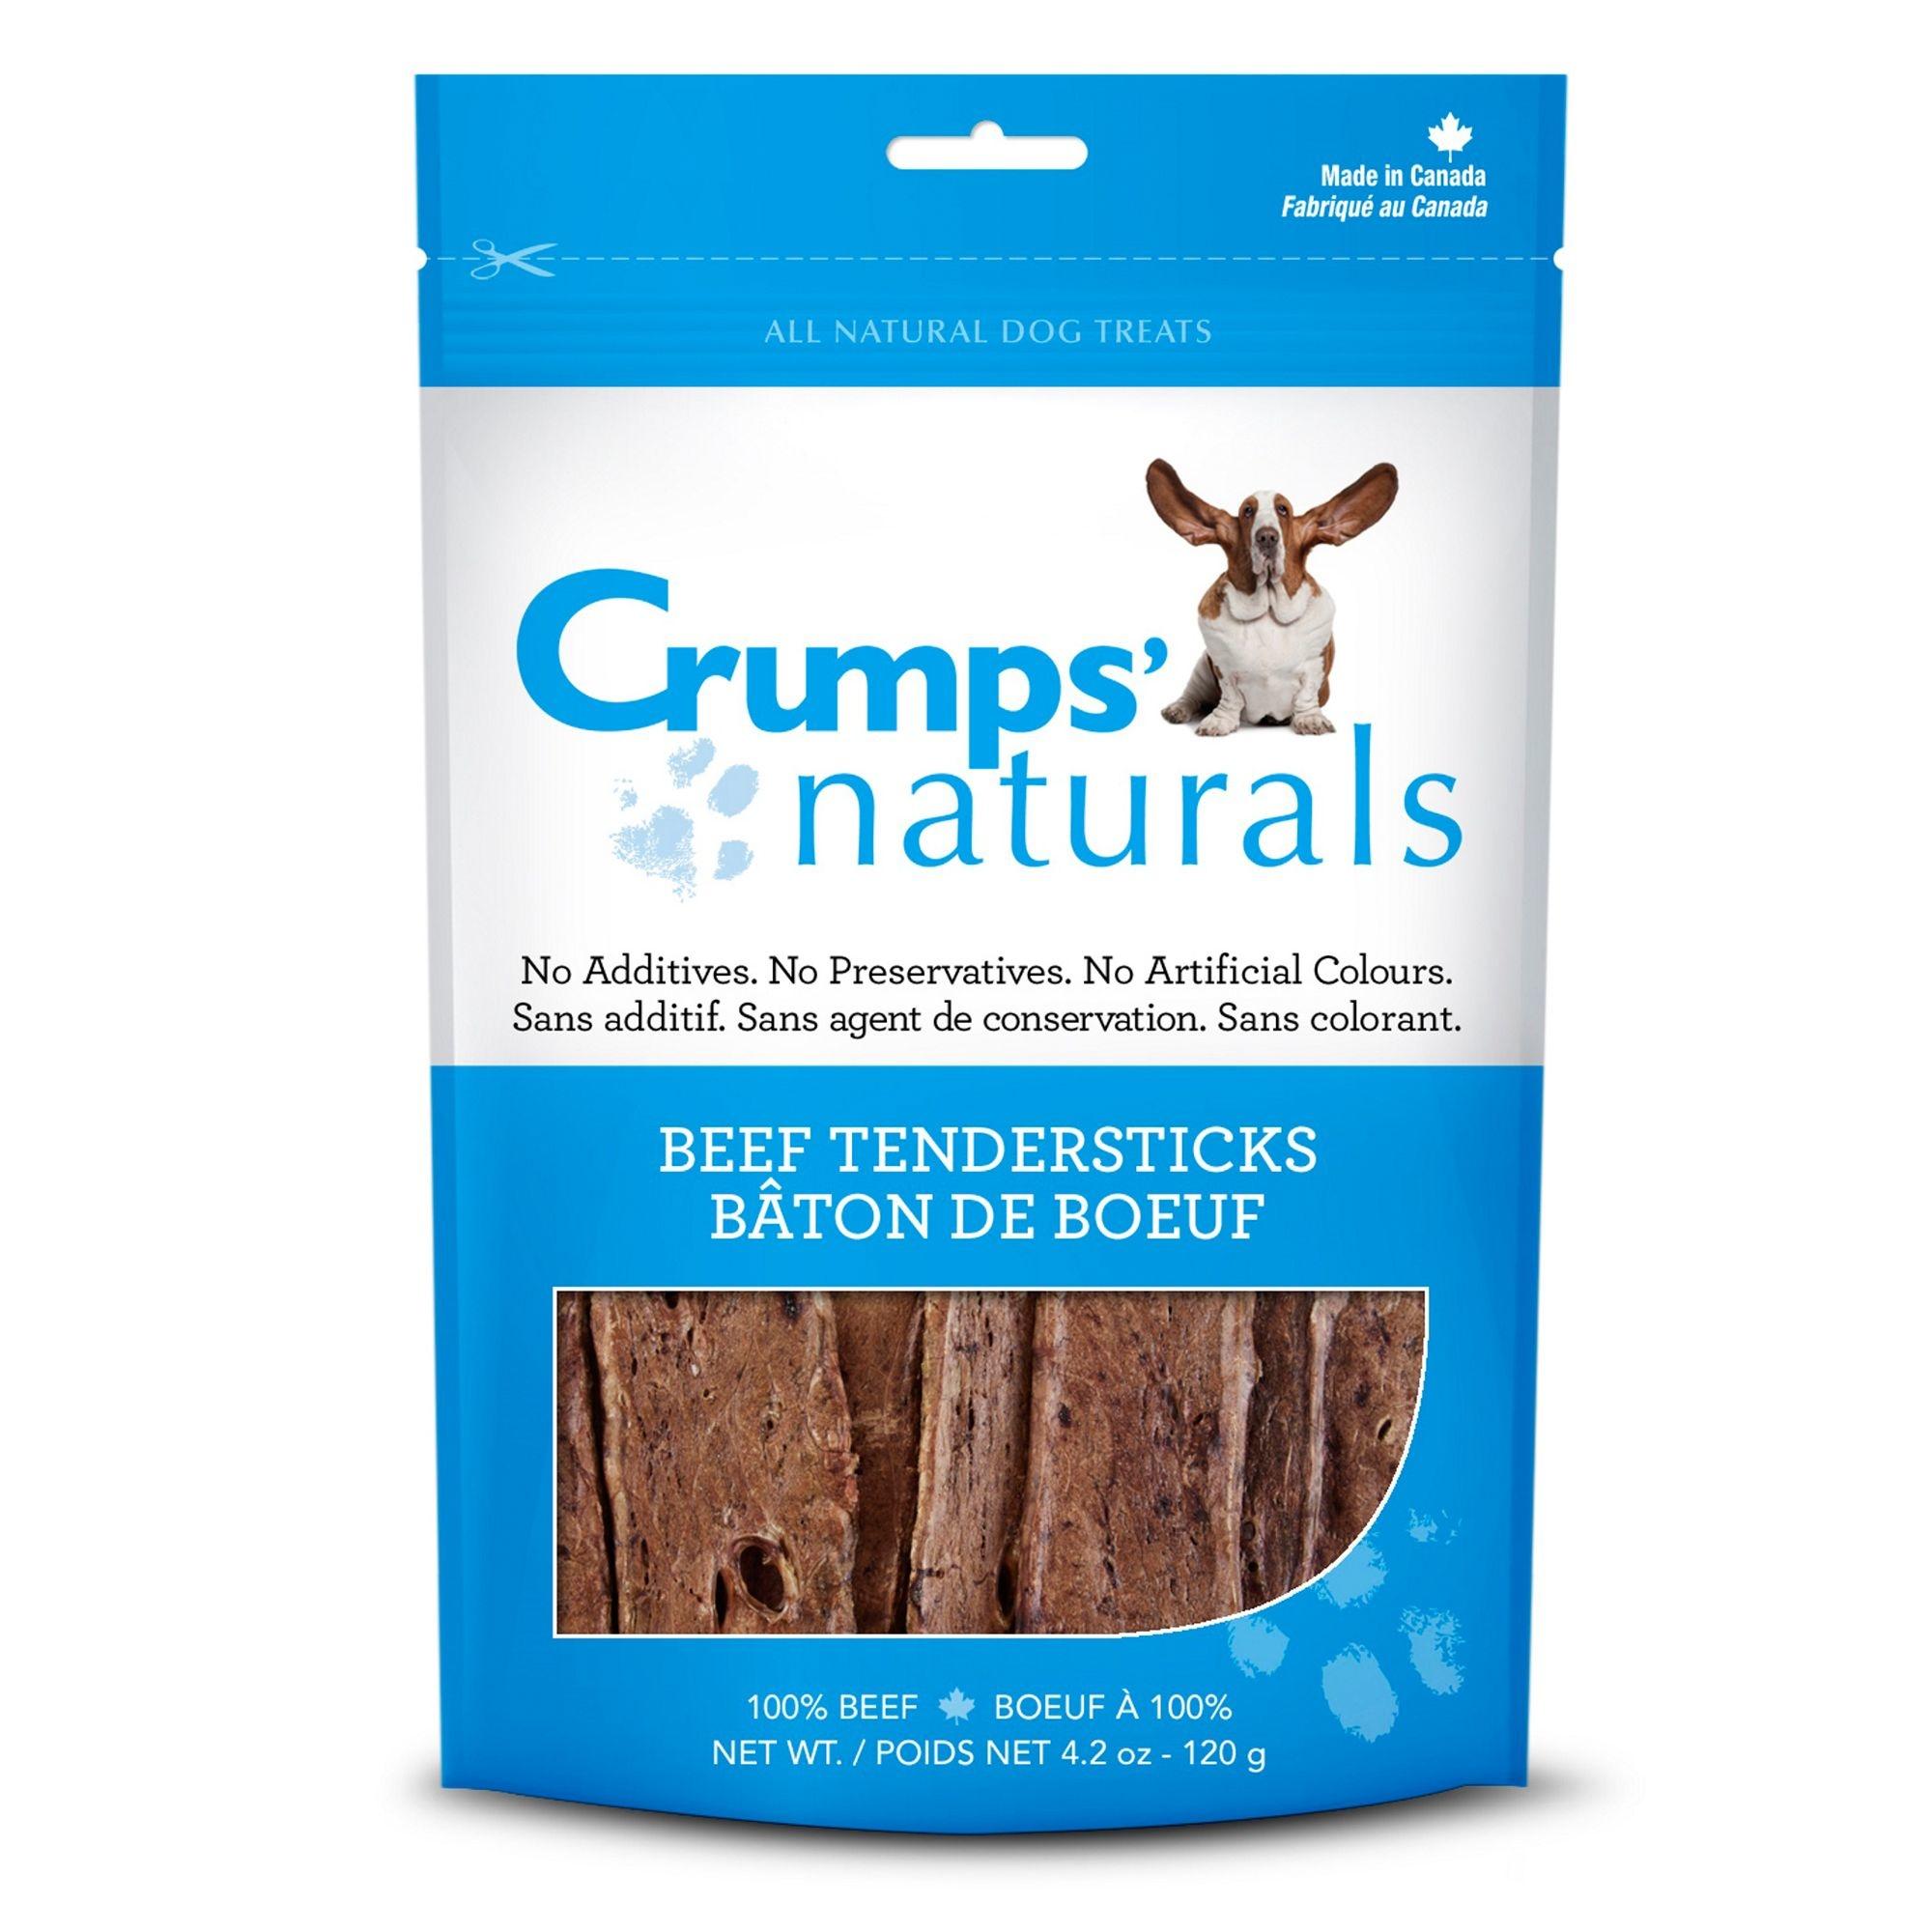 CRUMPS Beef Lung Tendersticks 8.8 oz